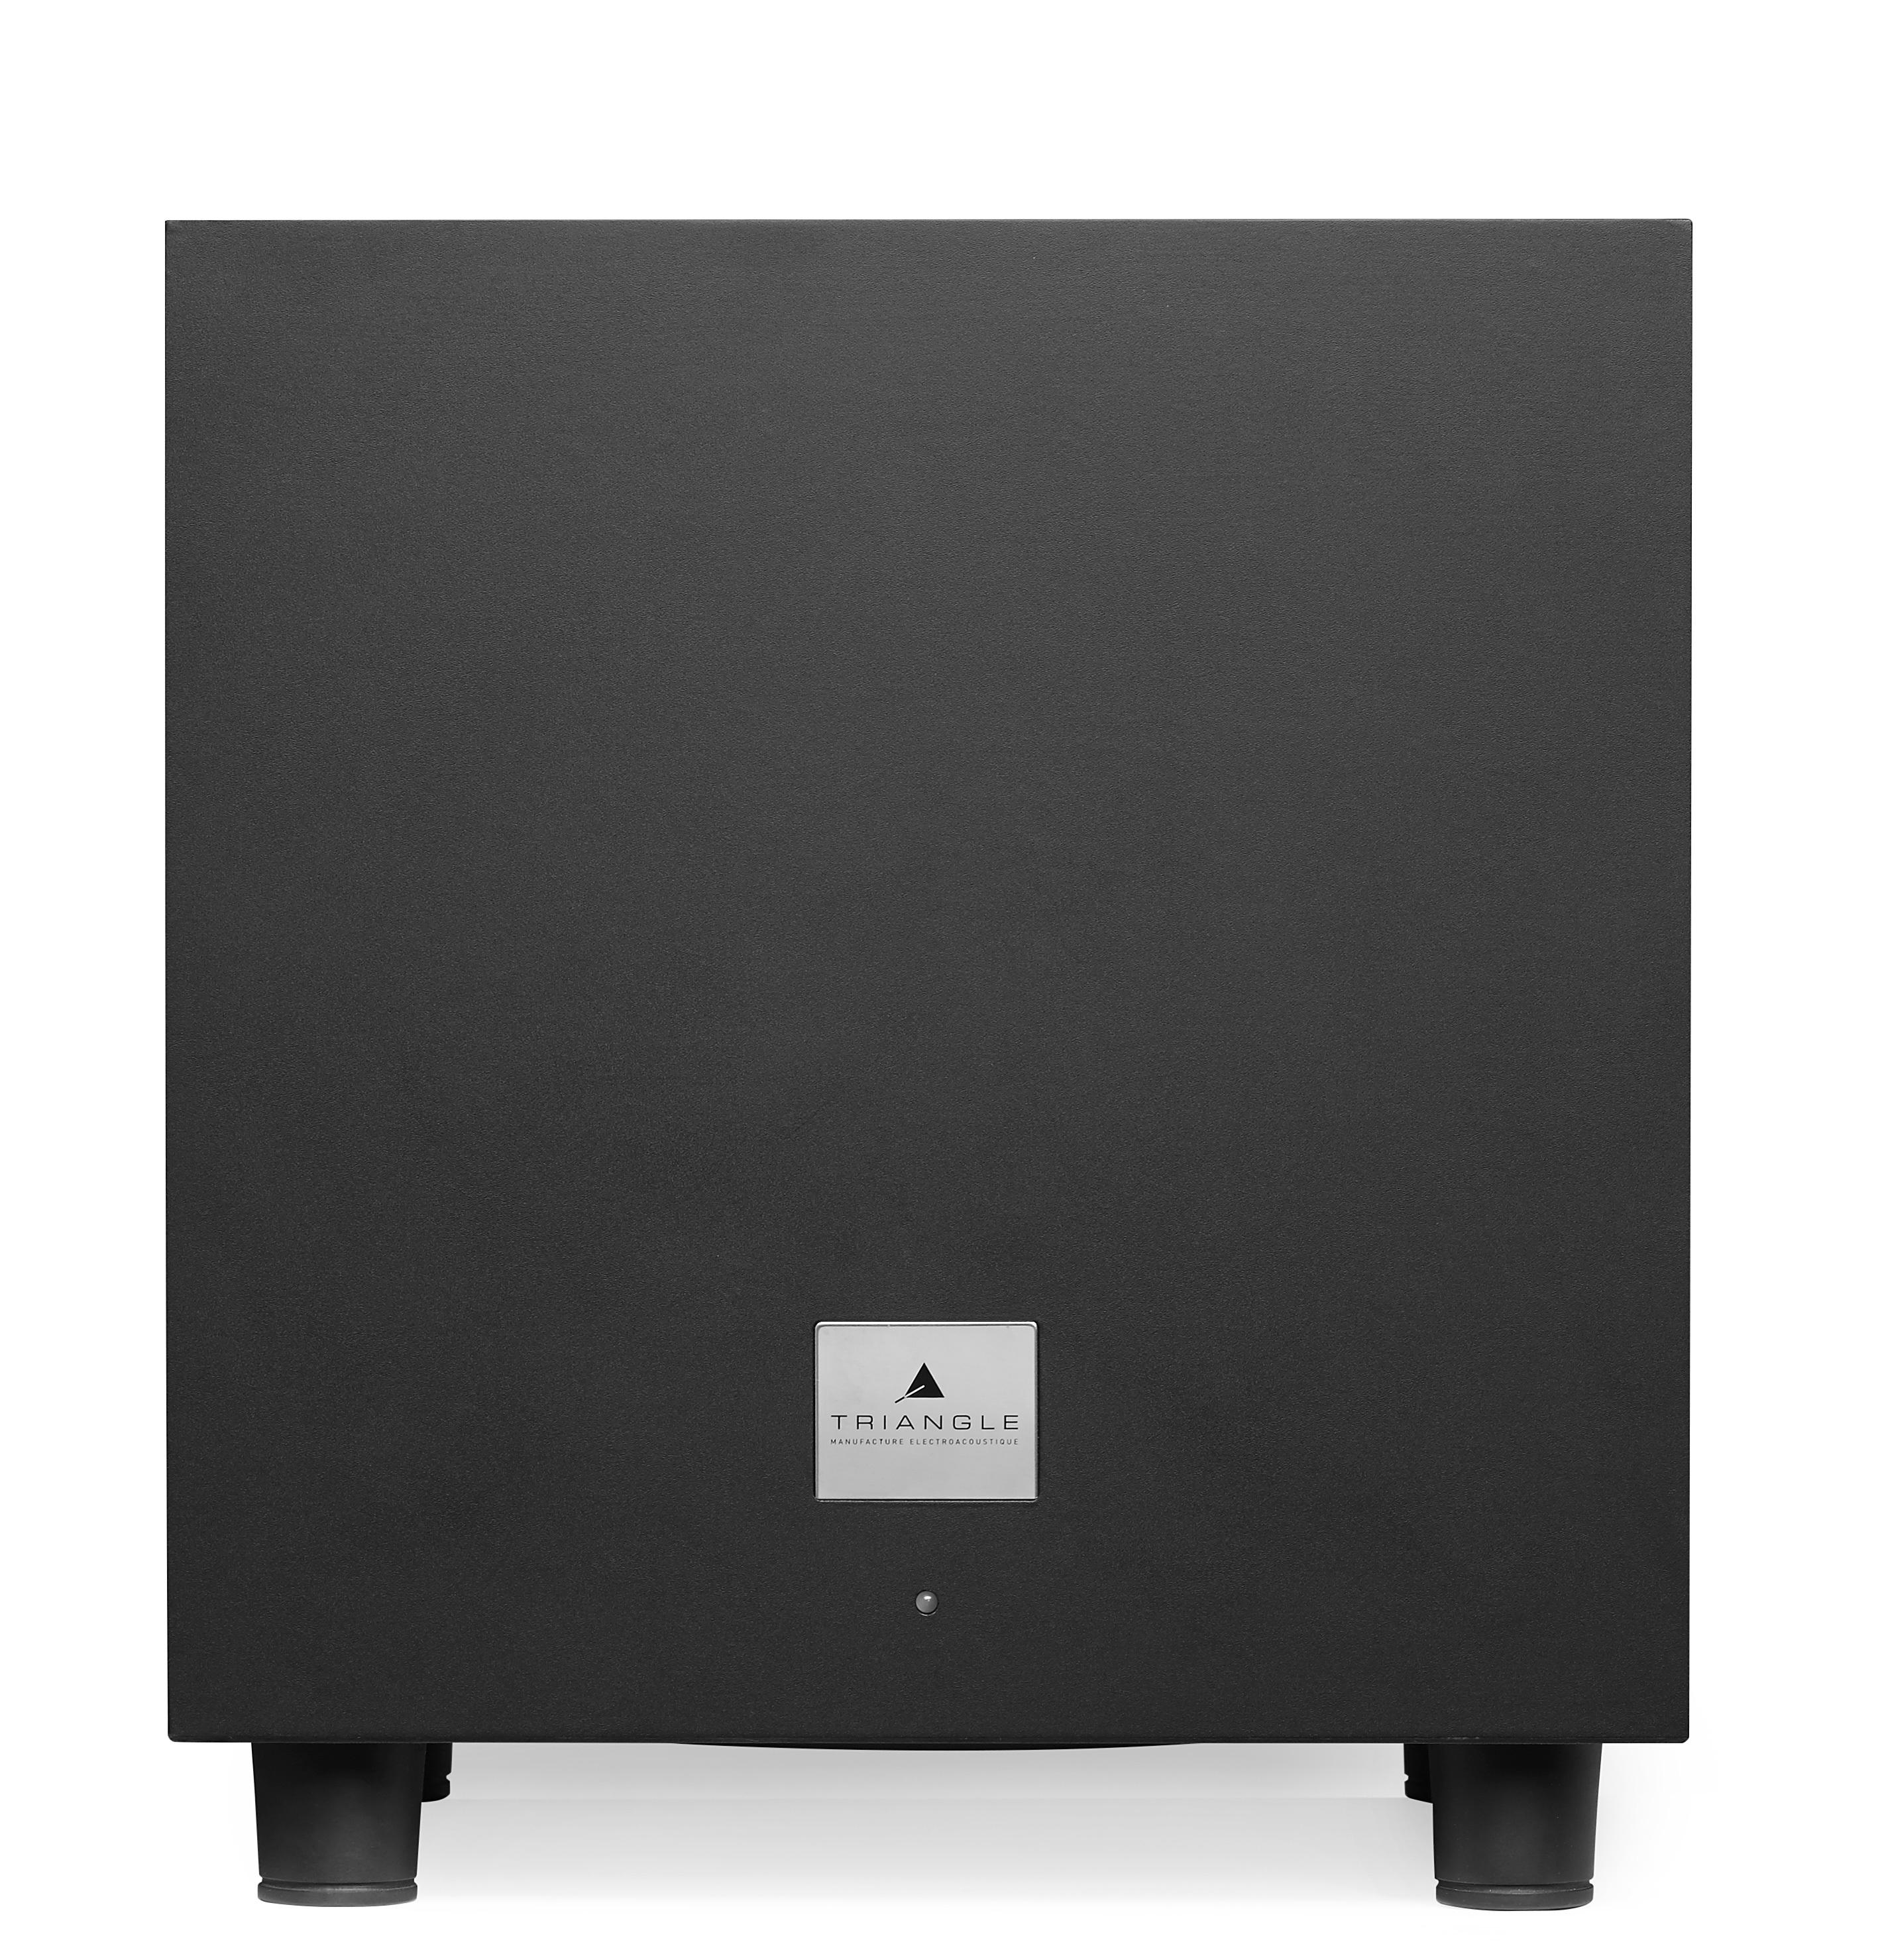 200W RMS - 30Hz à 120 Hz - 1 entrée ligne stéréo RCA